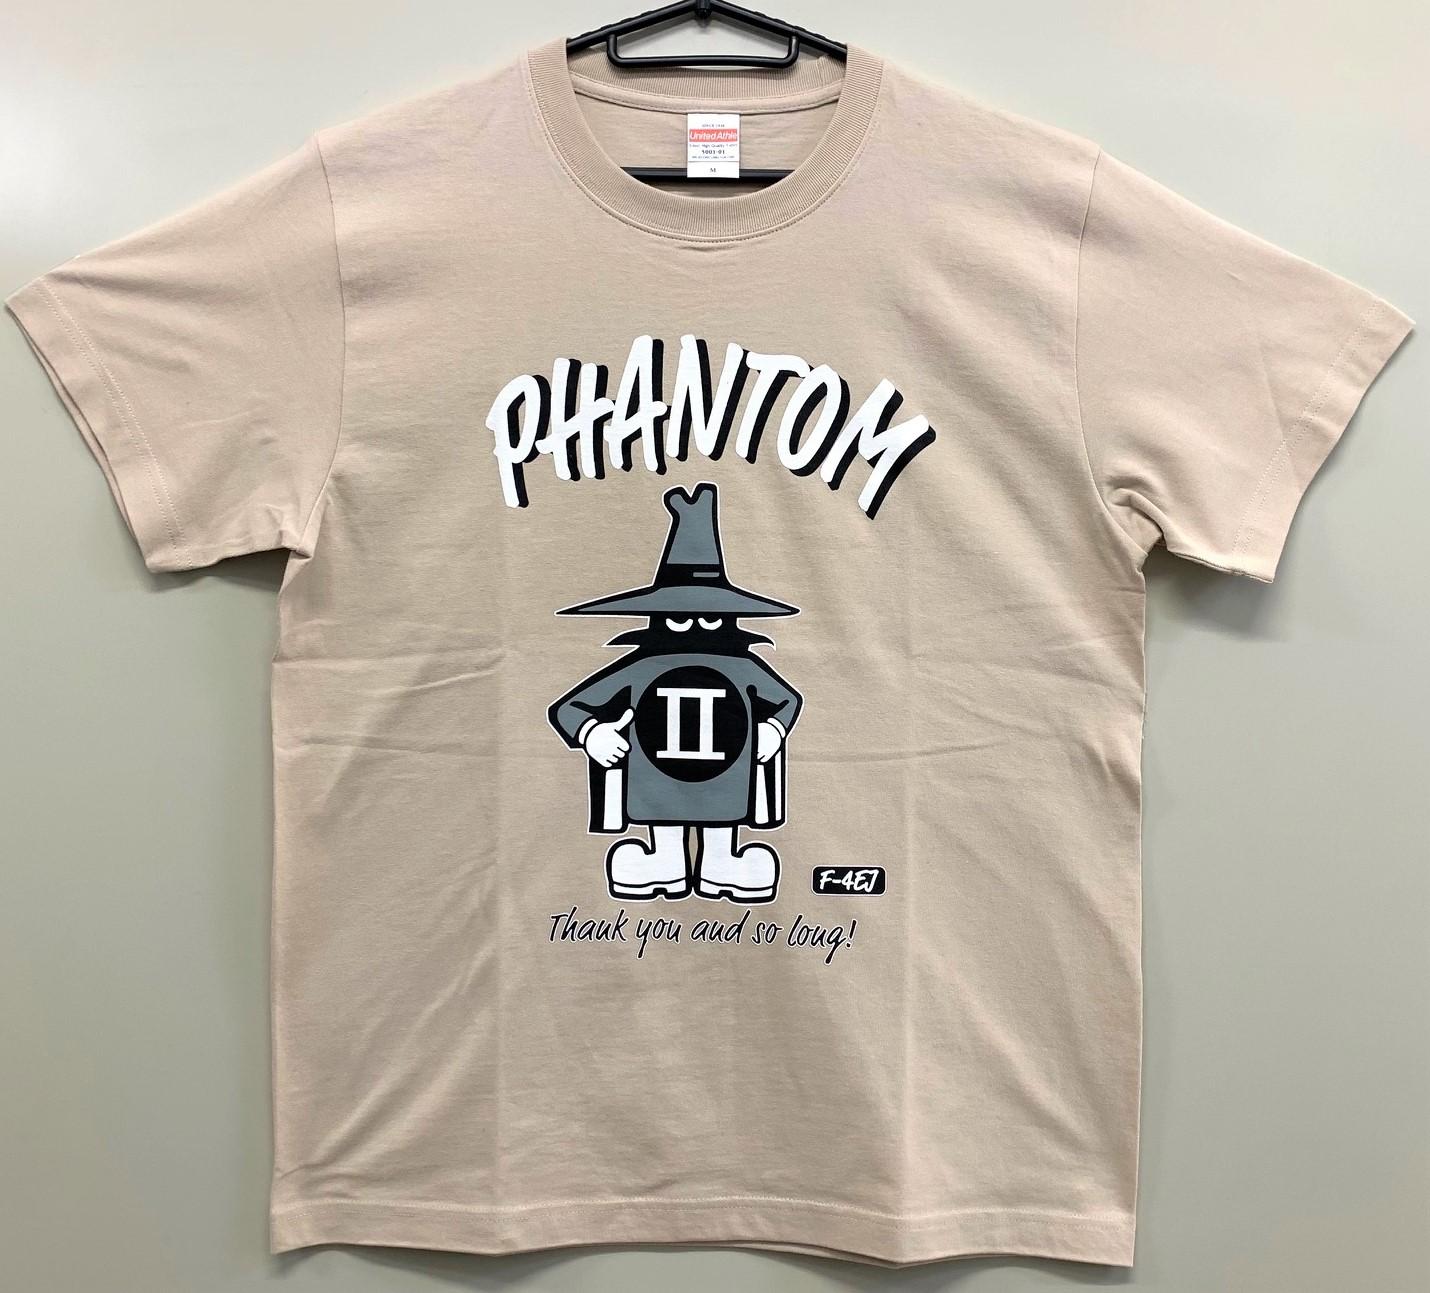 自衛隊グッズ  メンズTシャツ、ファントムスプーク綿100%